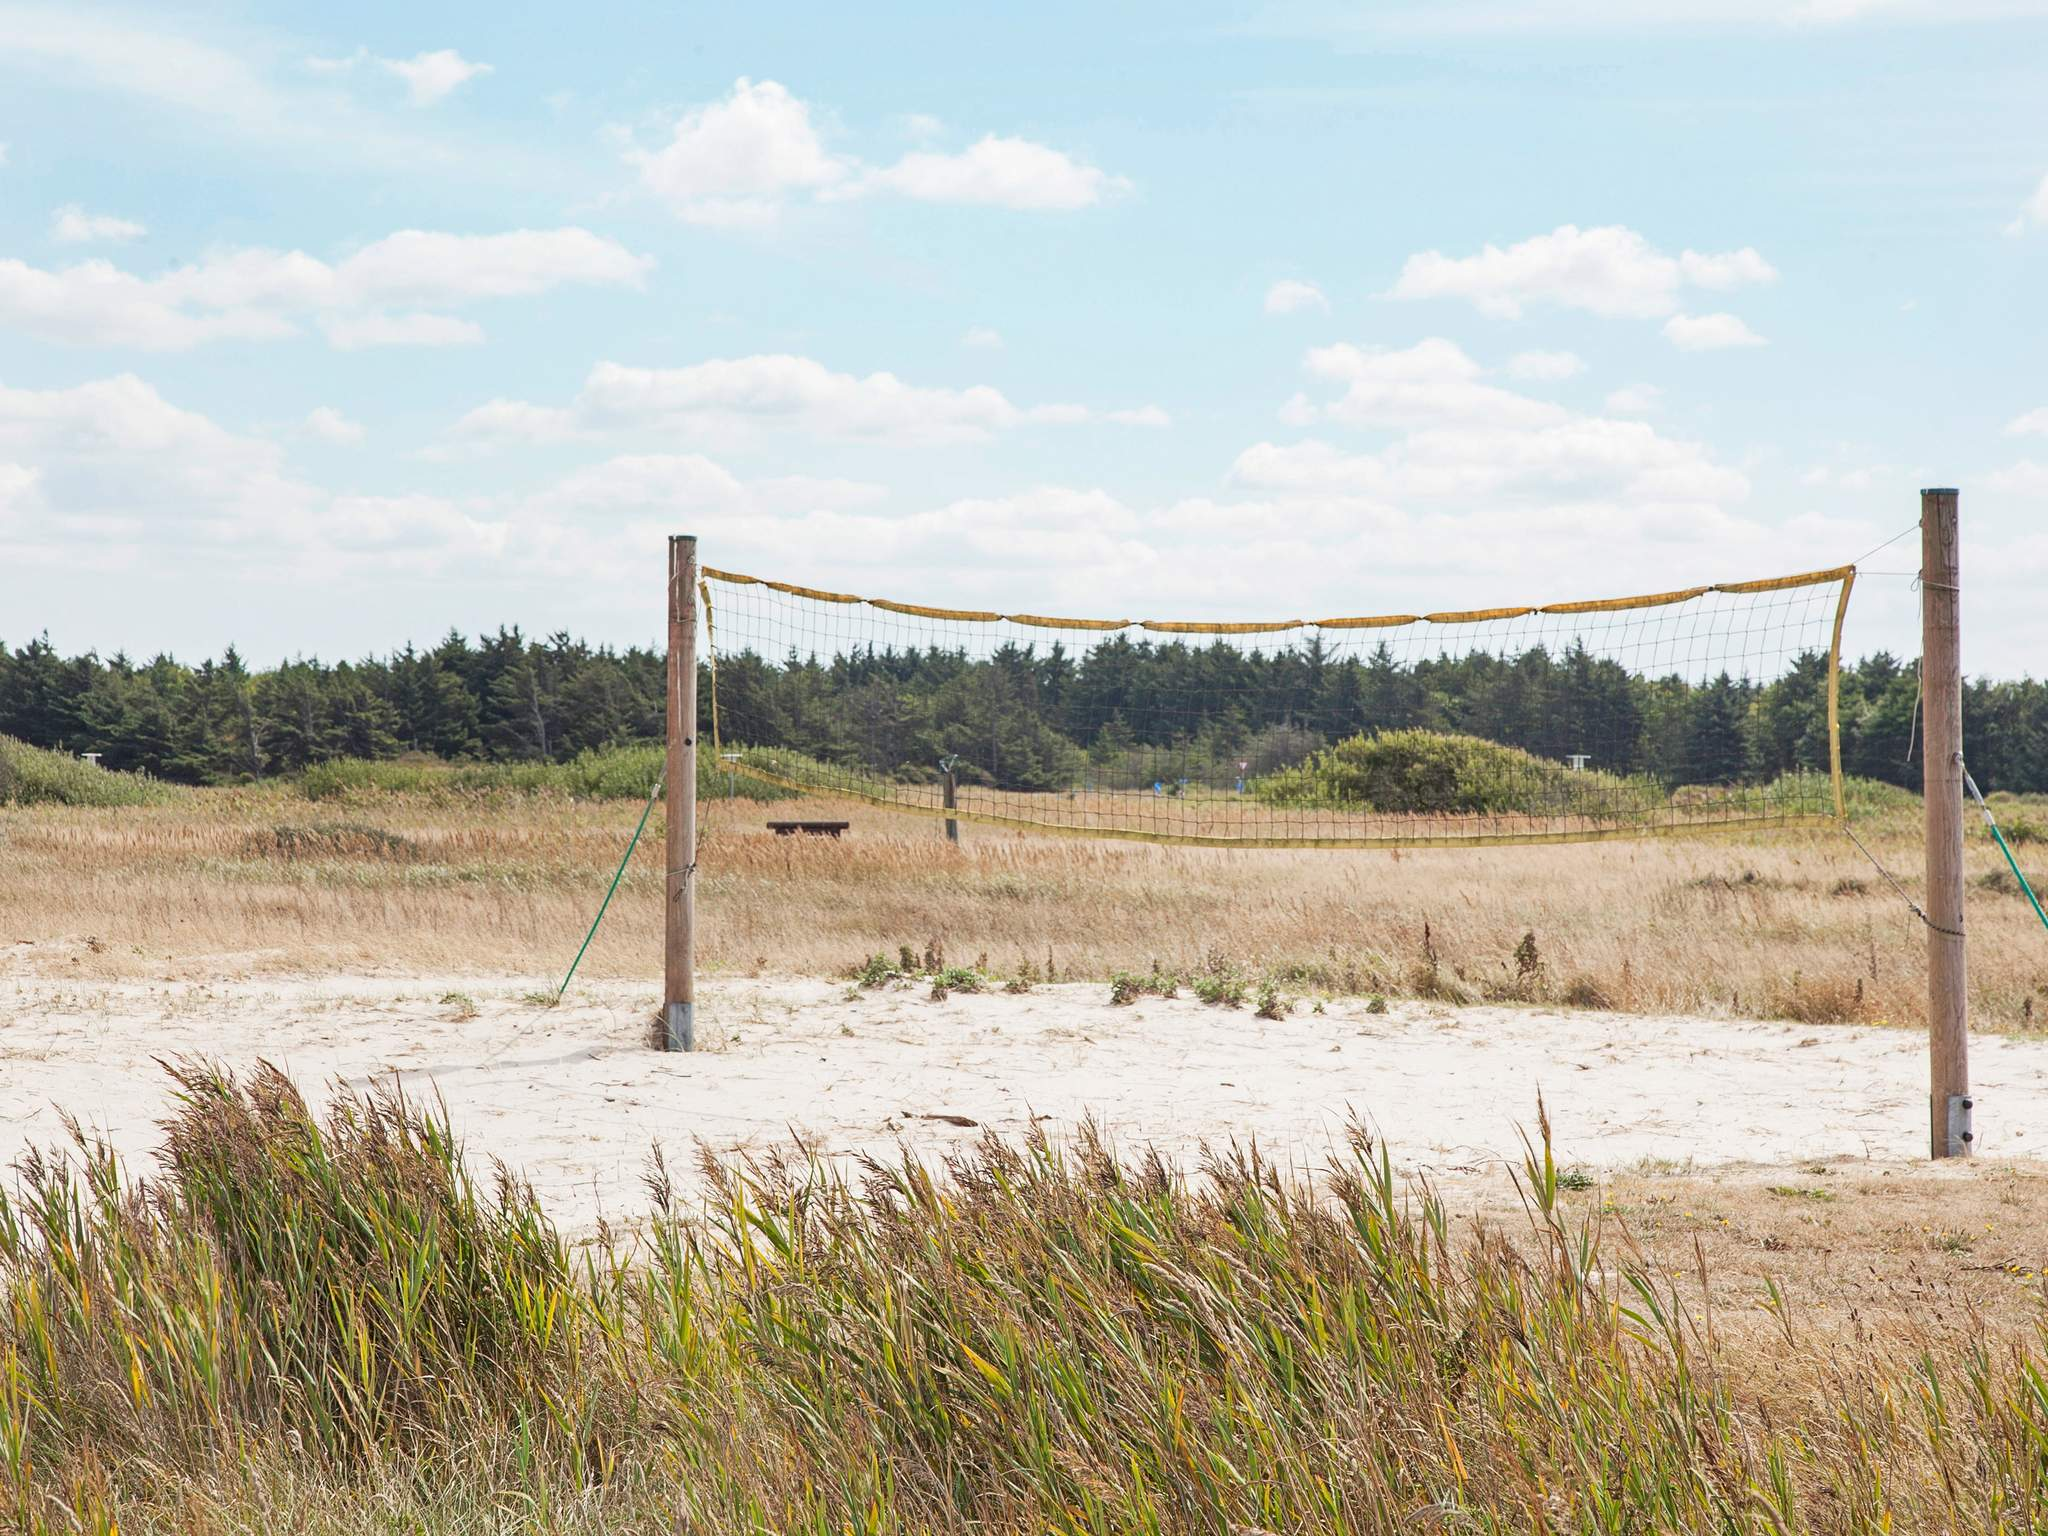 Ferienwohnung Hirtshals - Typ 1 - 2 Zimmer m/Meerblick (382686), Hirtshals, , Nordwestjütland, Dänemark, Bild 44